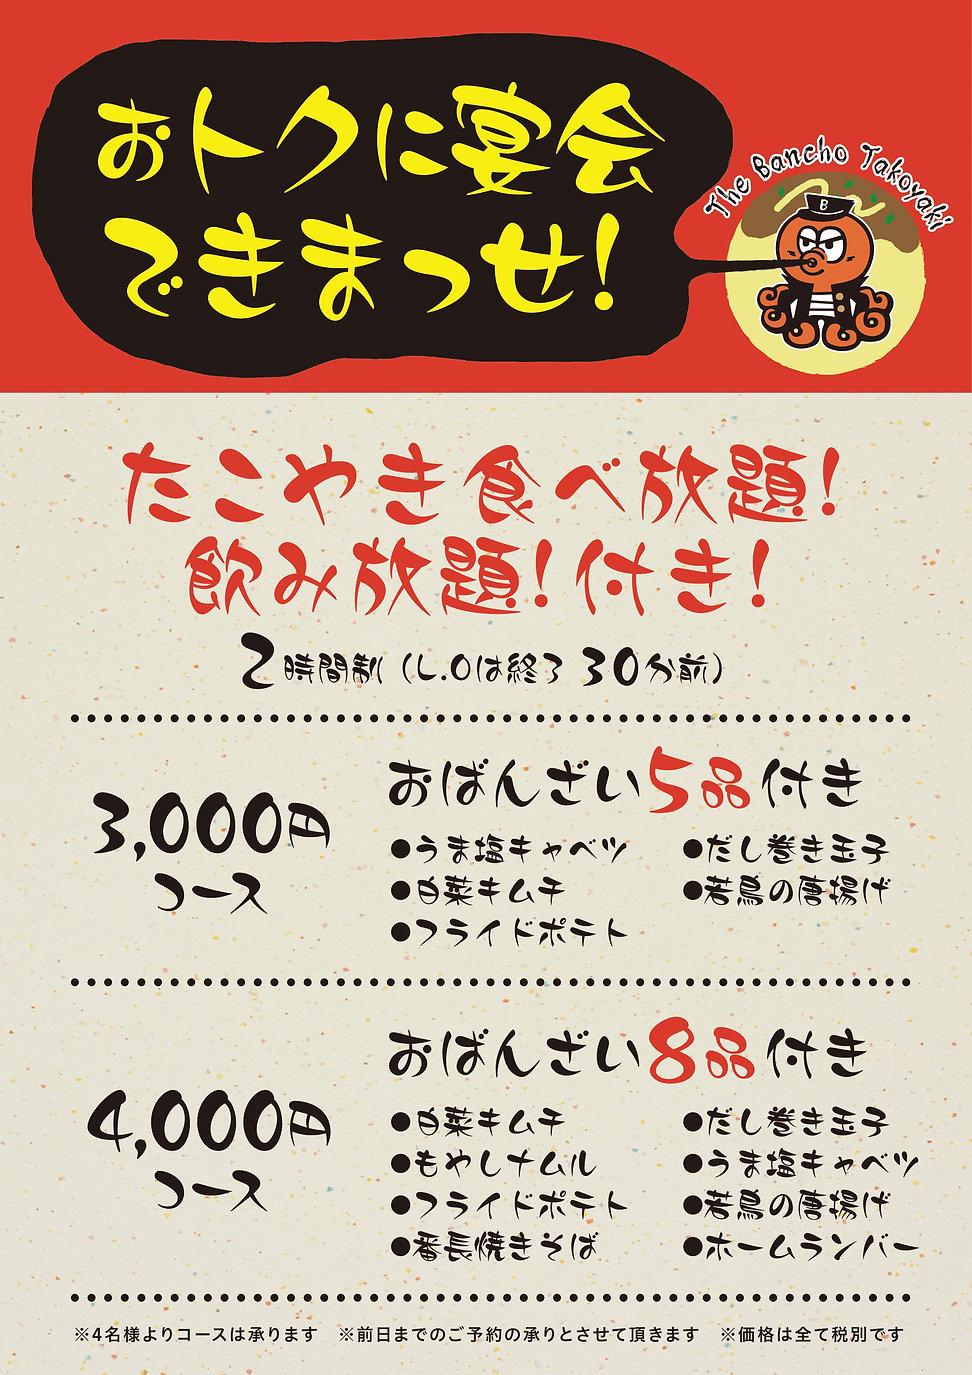 宴会メニューポスター_A3_200708-1.jpg